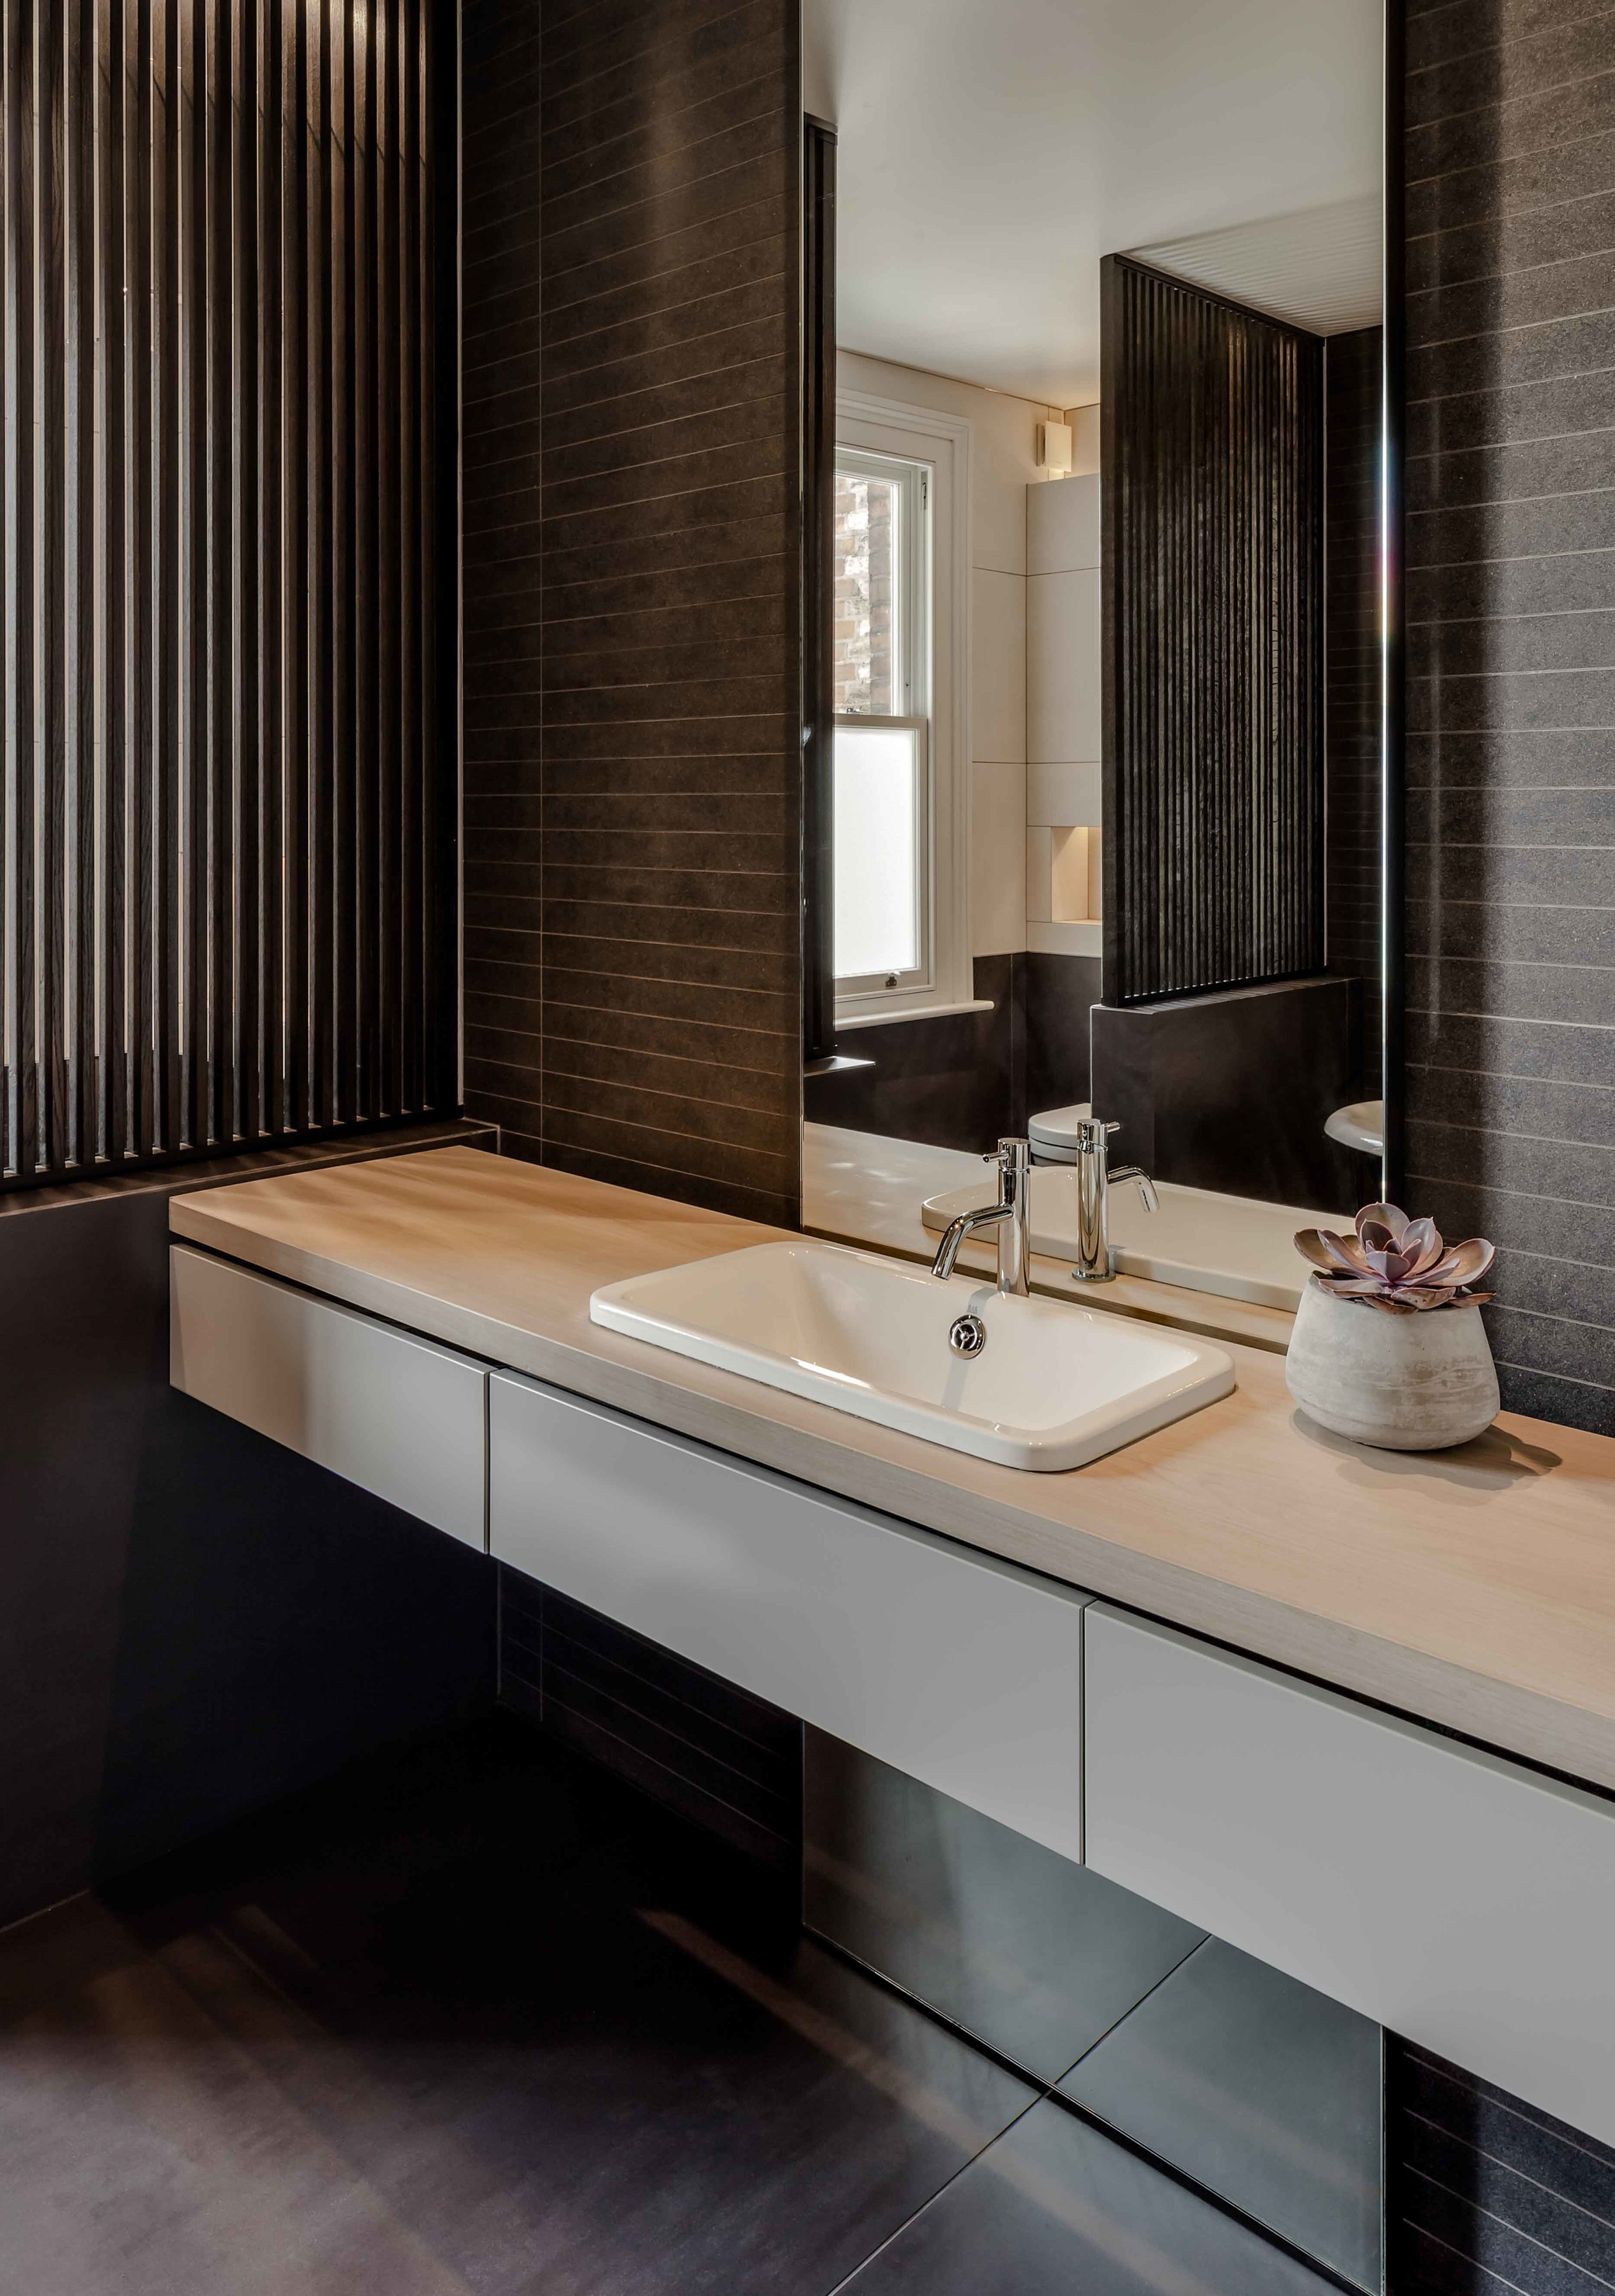 FL_Bathroom(iii)_web.jpg